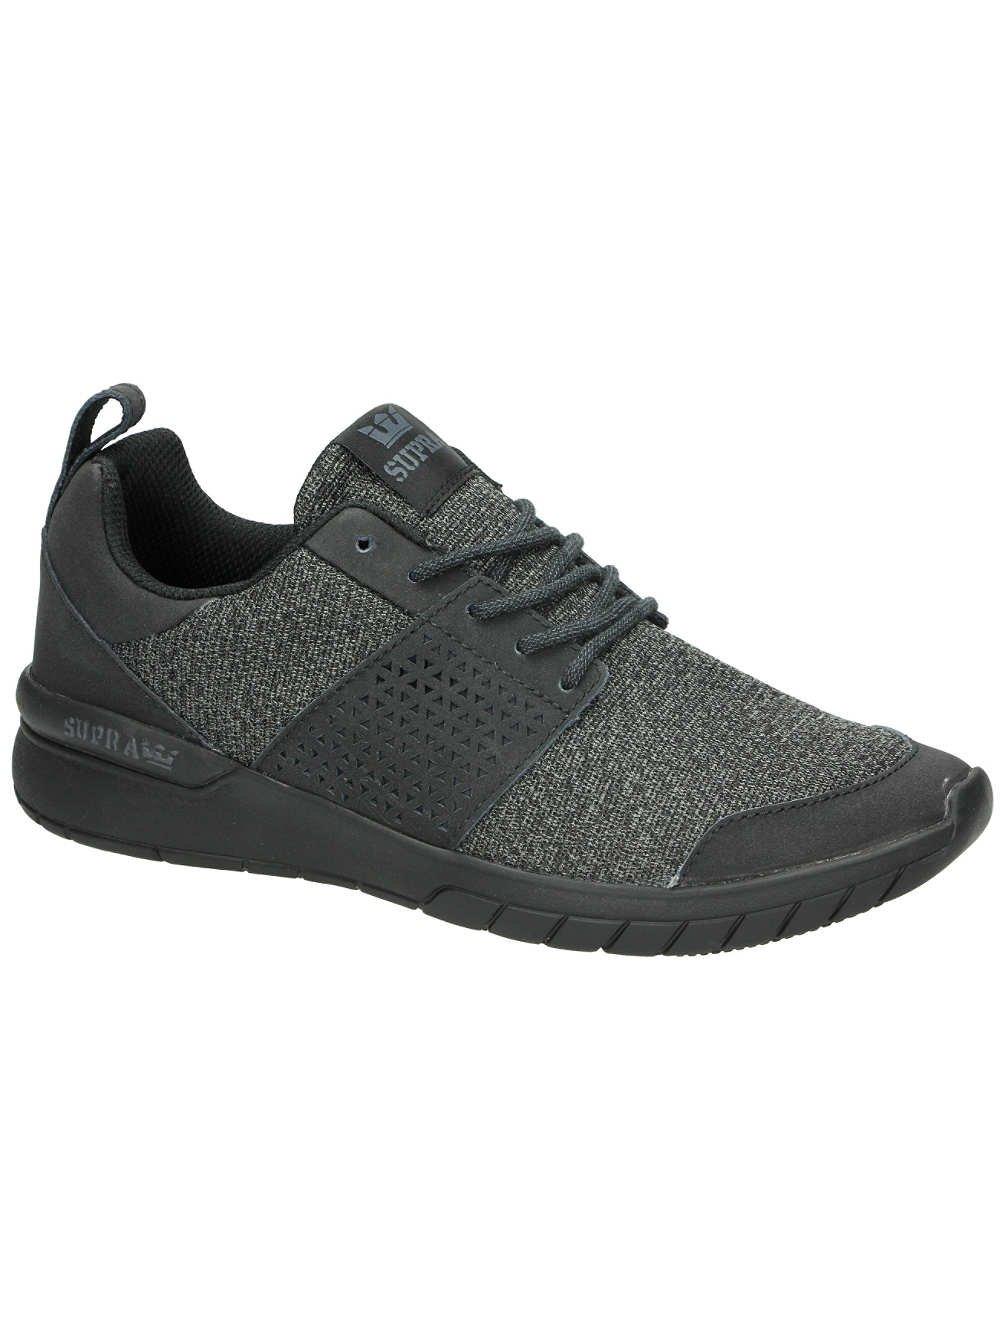 Supra Scissor - Zapatillas Hombre 41 EU|Black-black Venta de calzado deportivo de moda en línea